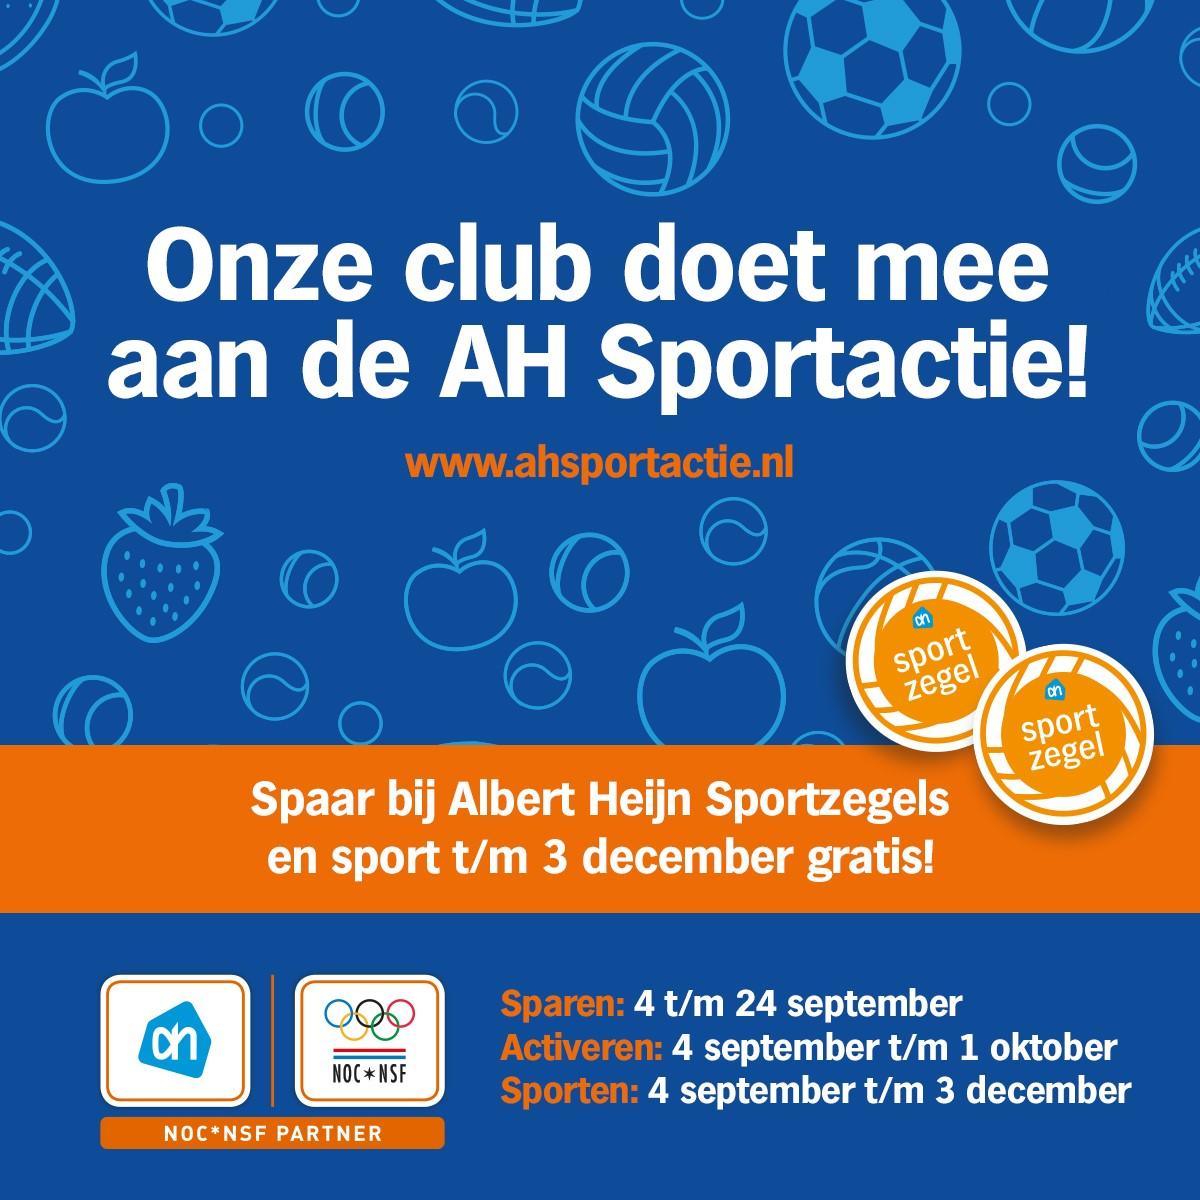 AH Sportactie - onze club doet mee